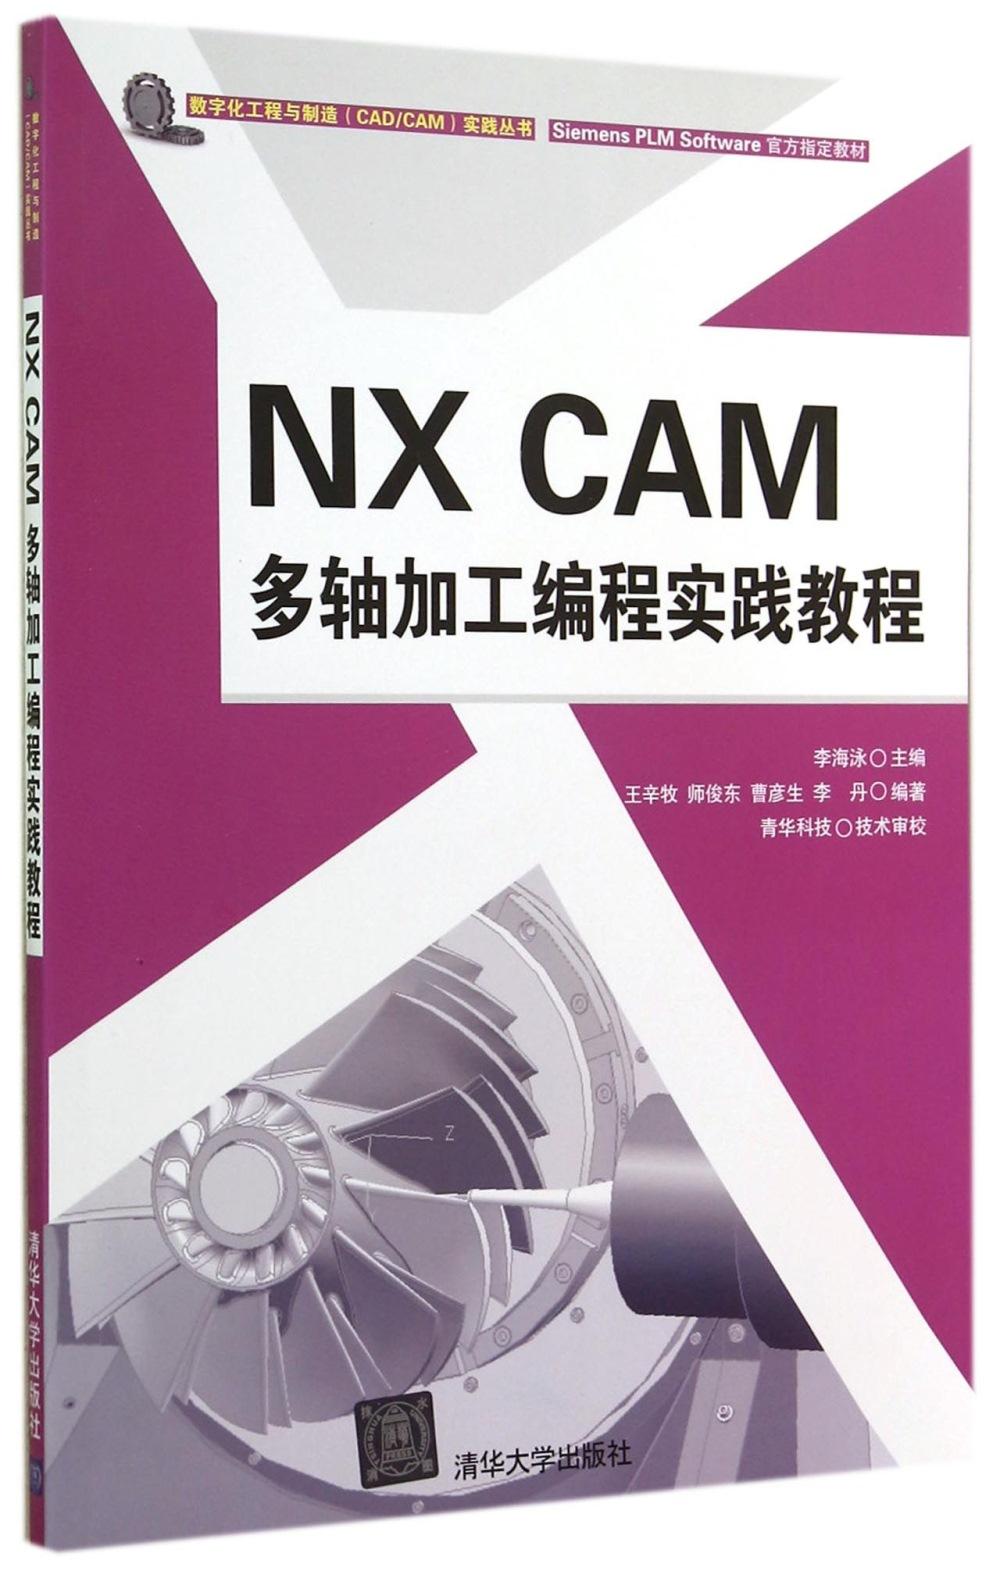 NX CAM 多軸加工編程實踐教程